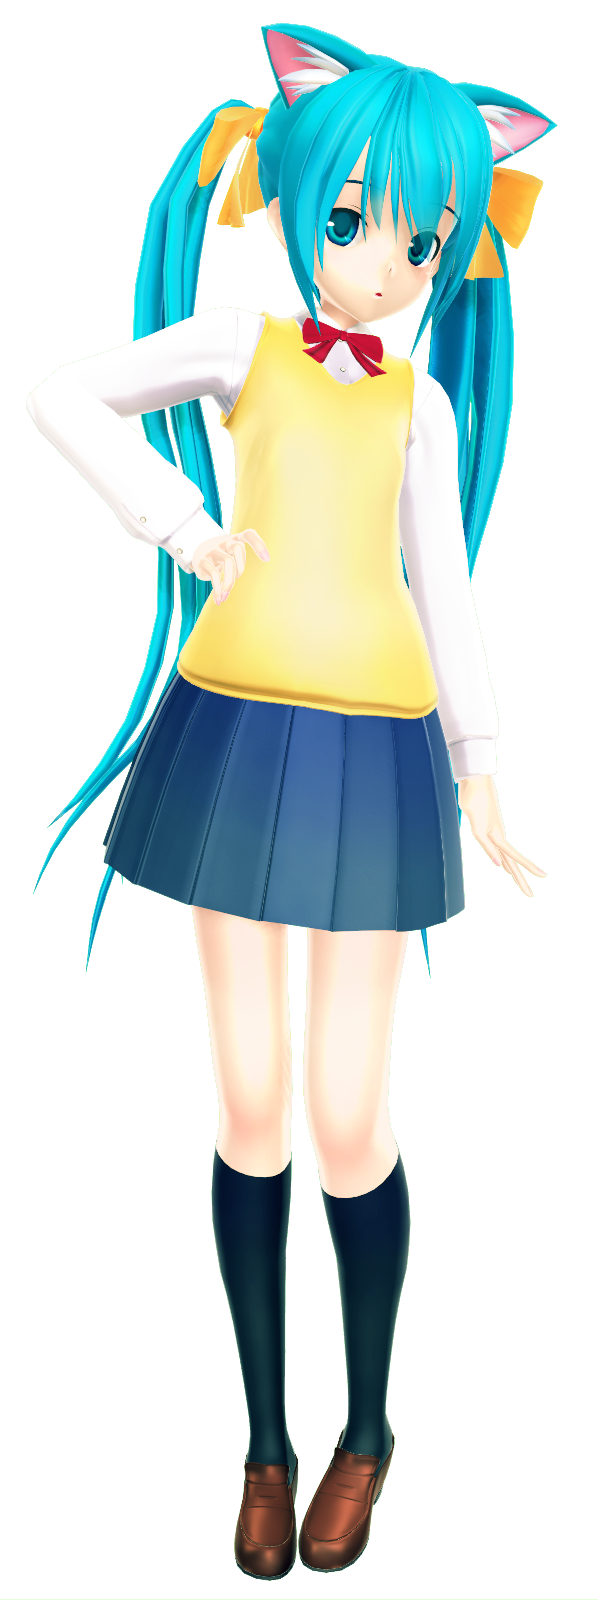 Nyan Girl by Xoriu